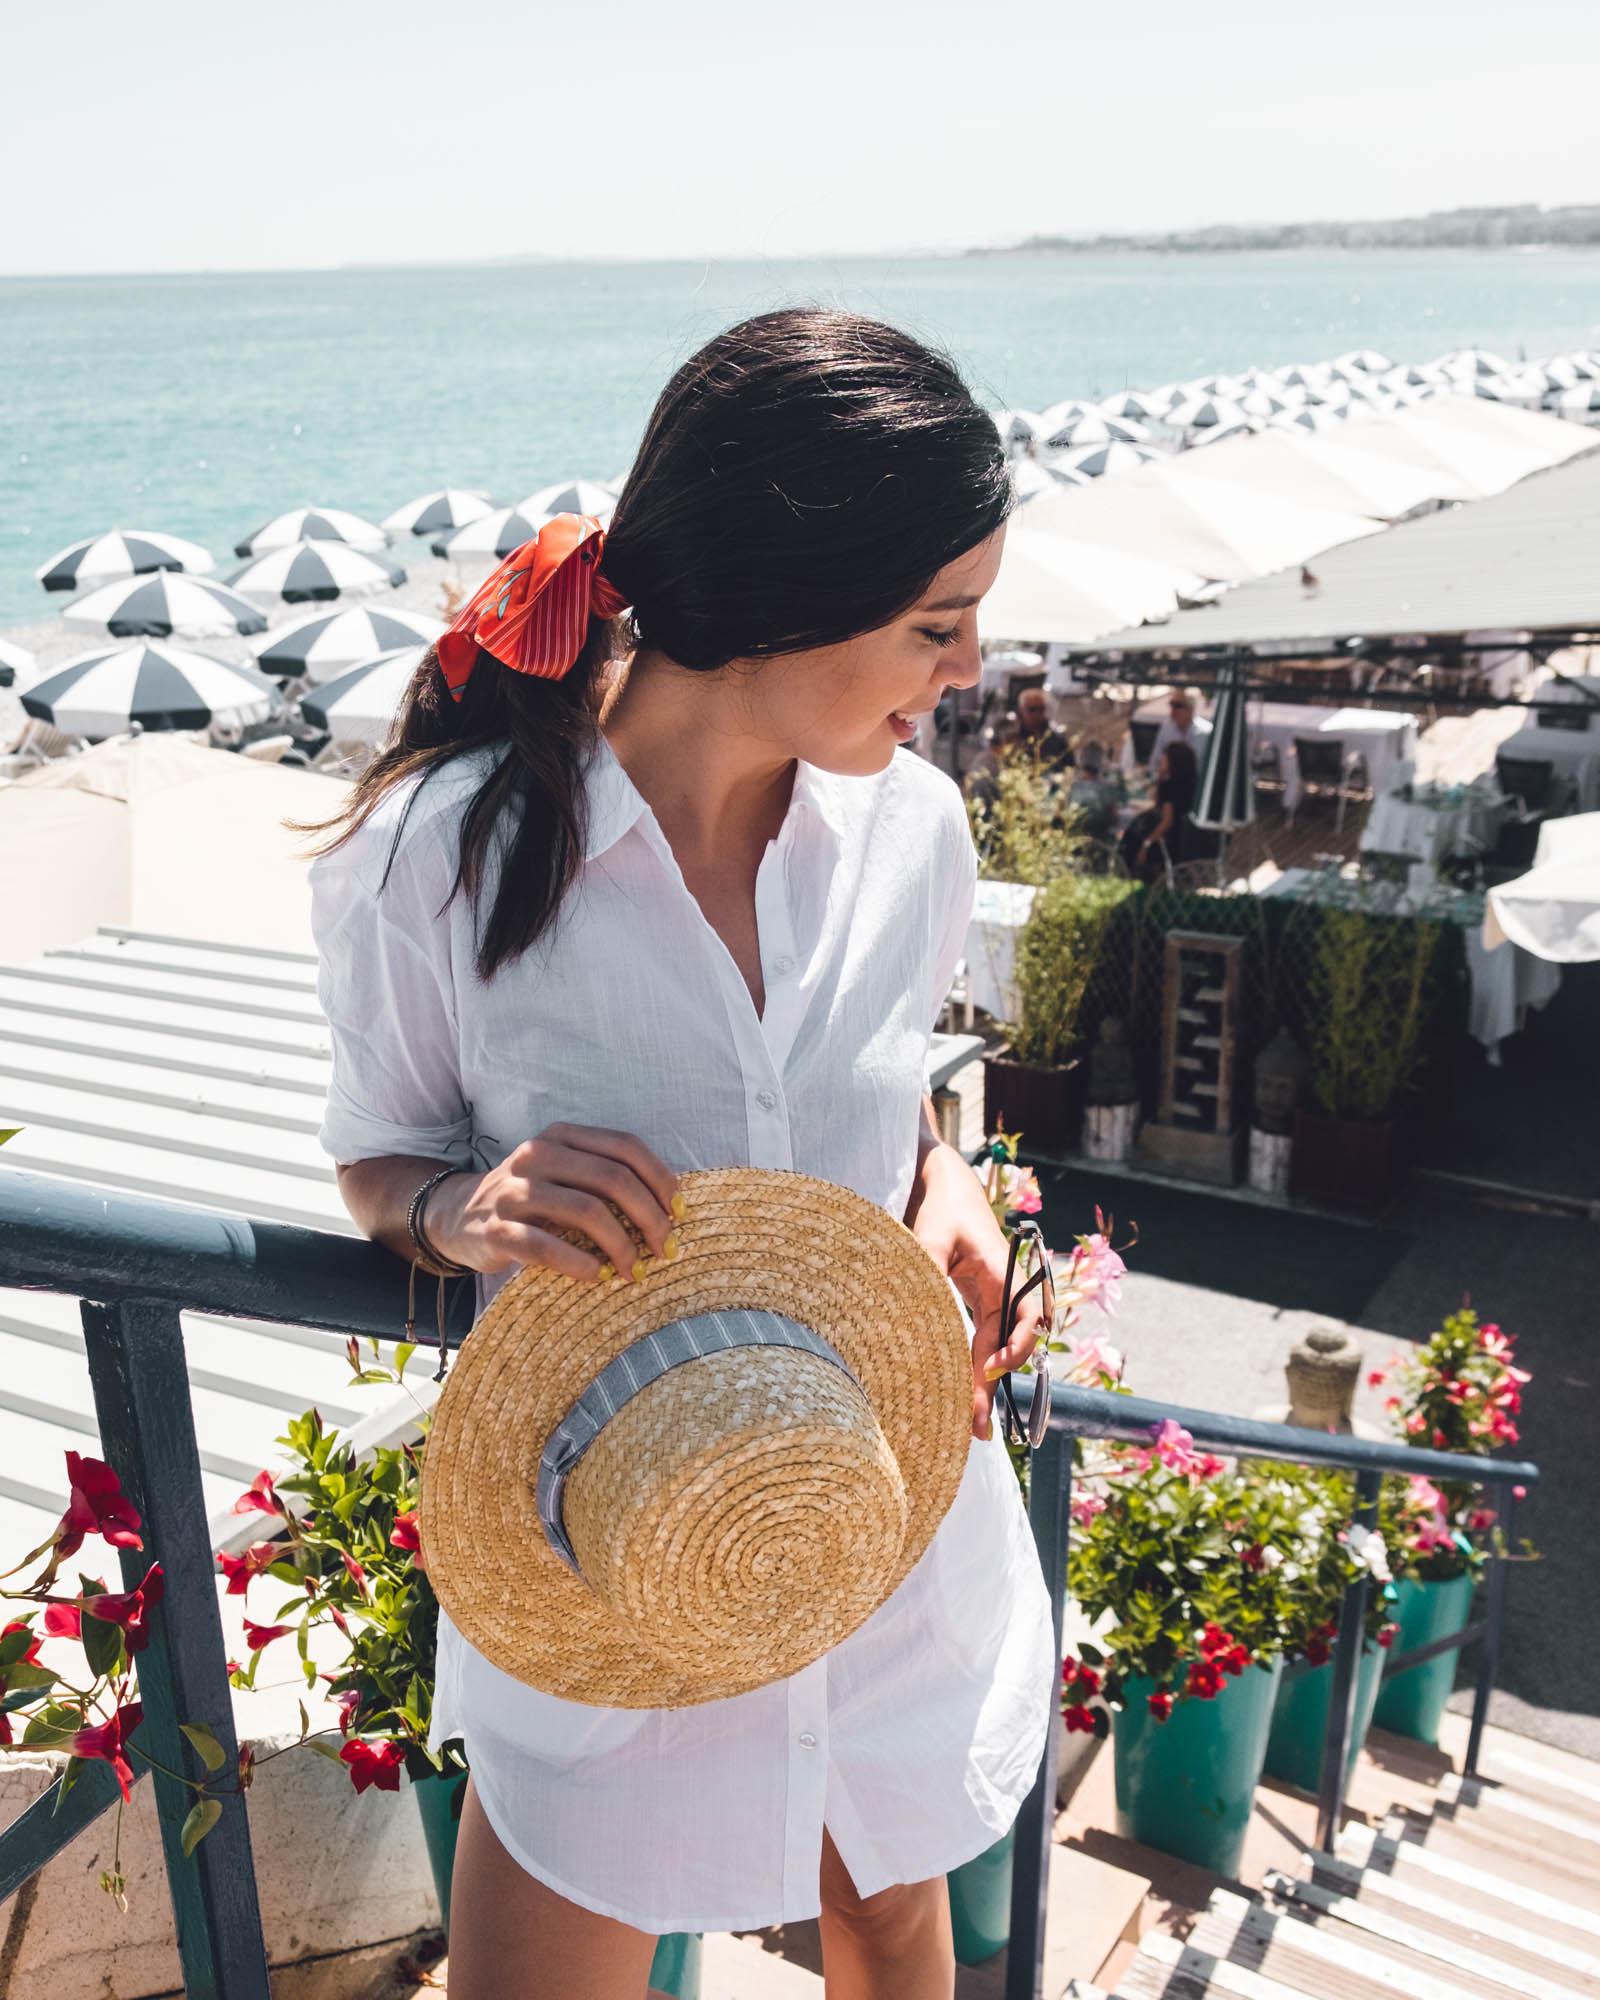 Rachel Off Duty: Woman on the Beach